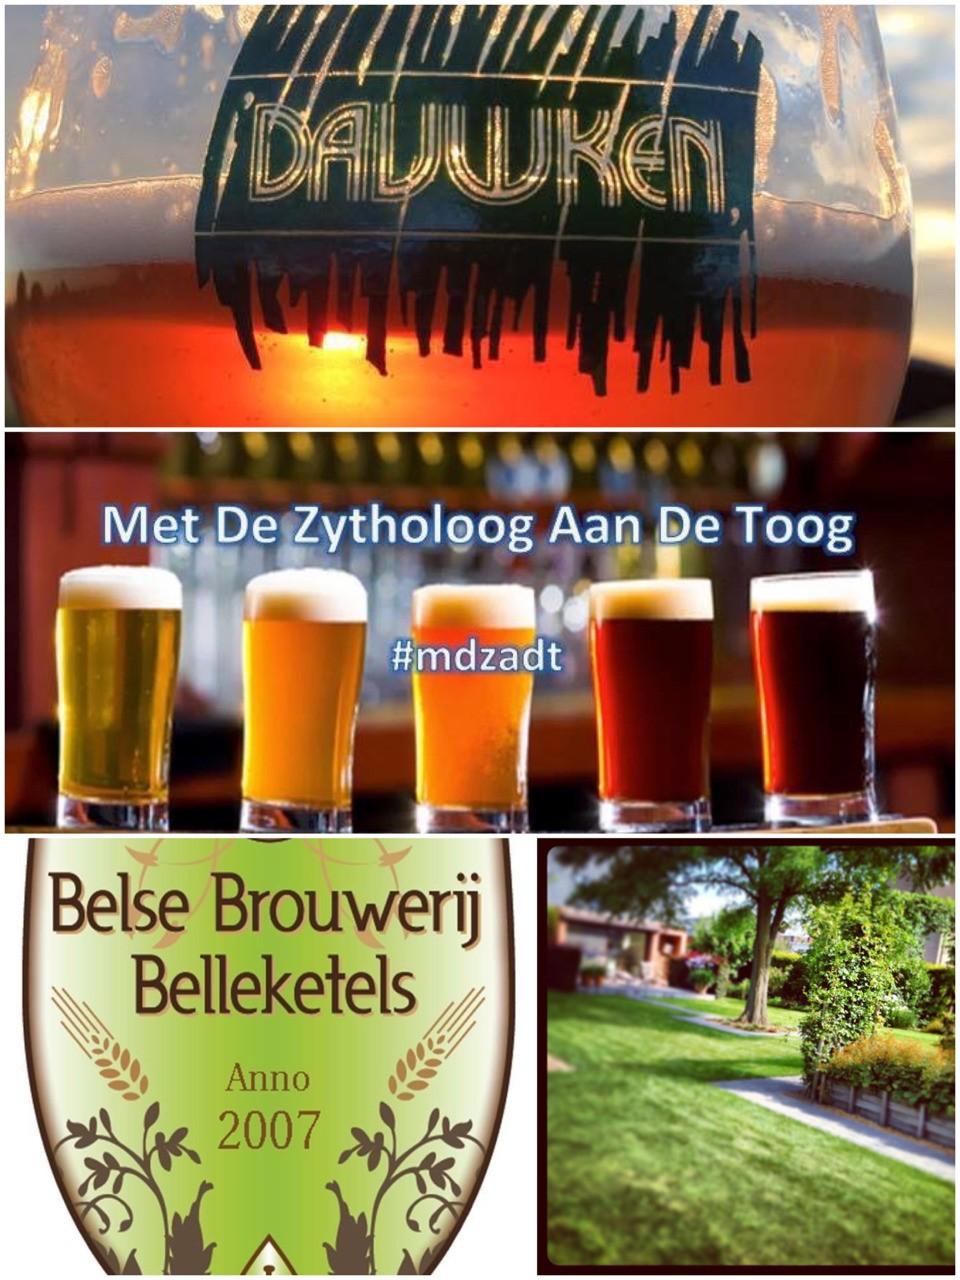 Met De Zytholoog Aan De Toog en Brouwerij De Belleketels een vaste waarde in de Dauwtrip in Denderbelle.